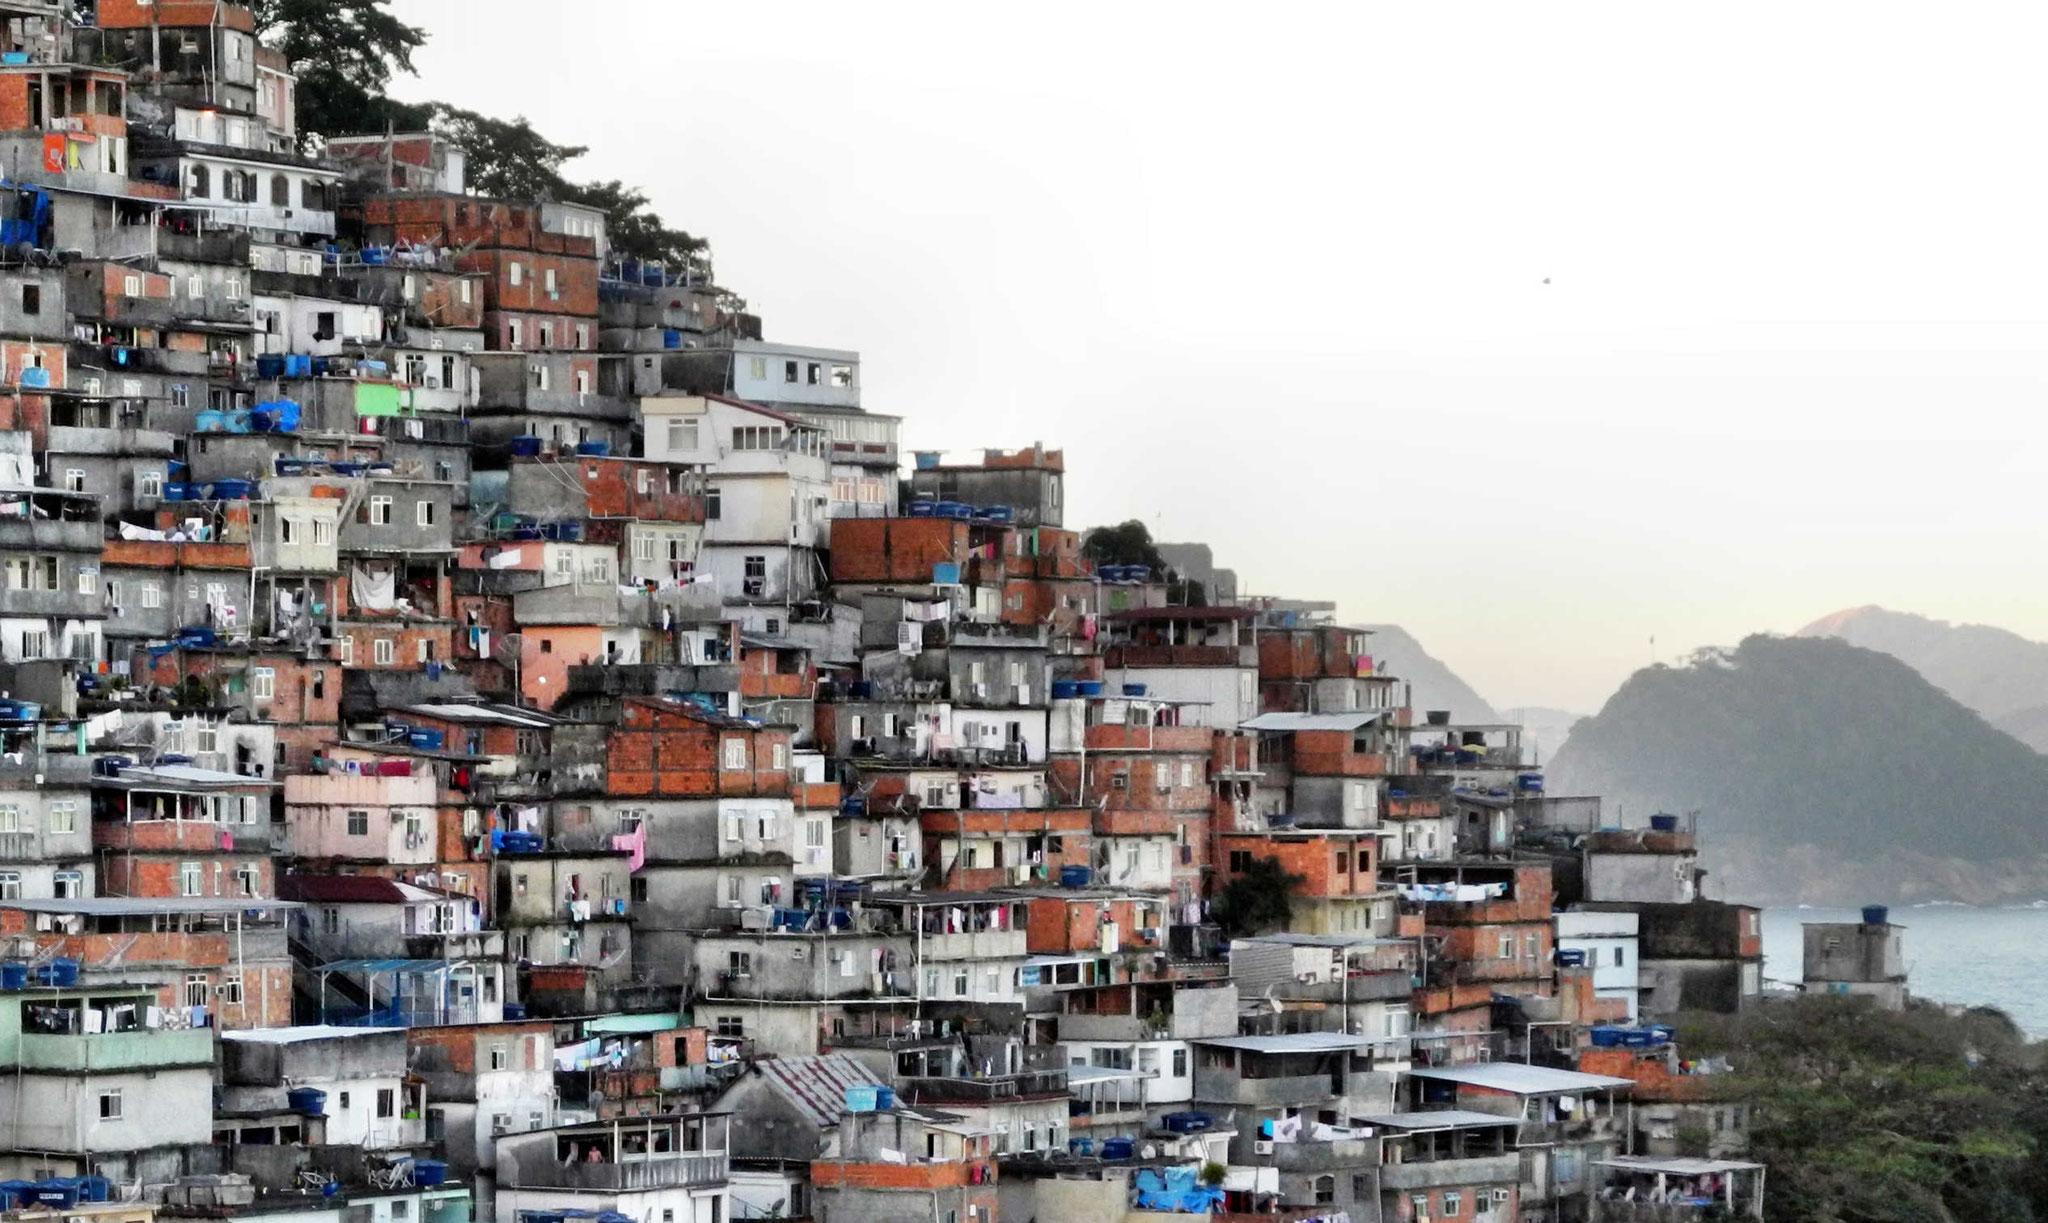 Die Favelas - Armenviertel - winden sich immer weiter die Berge Hinauf